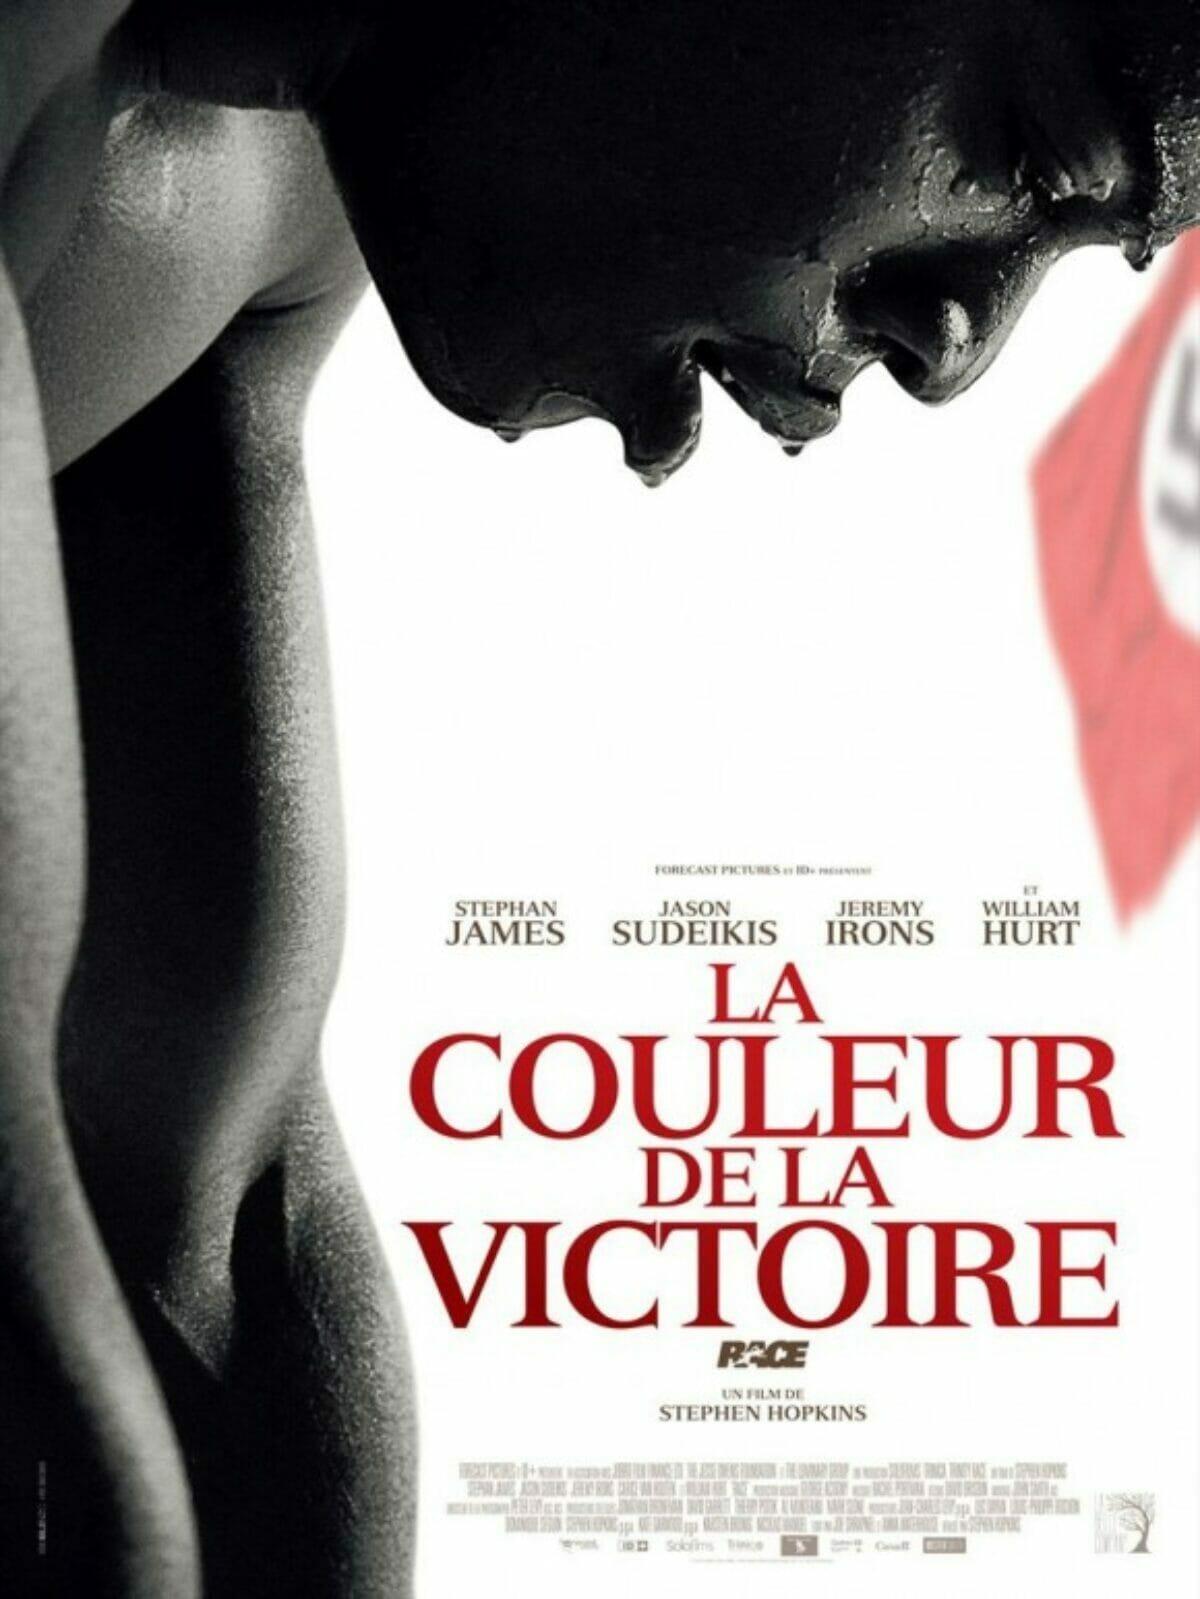 La-couleur-de-la-victoire-poster